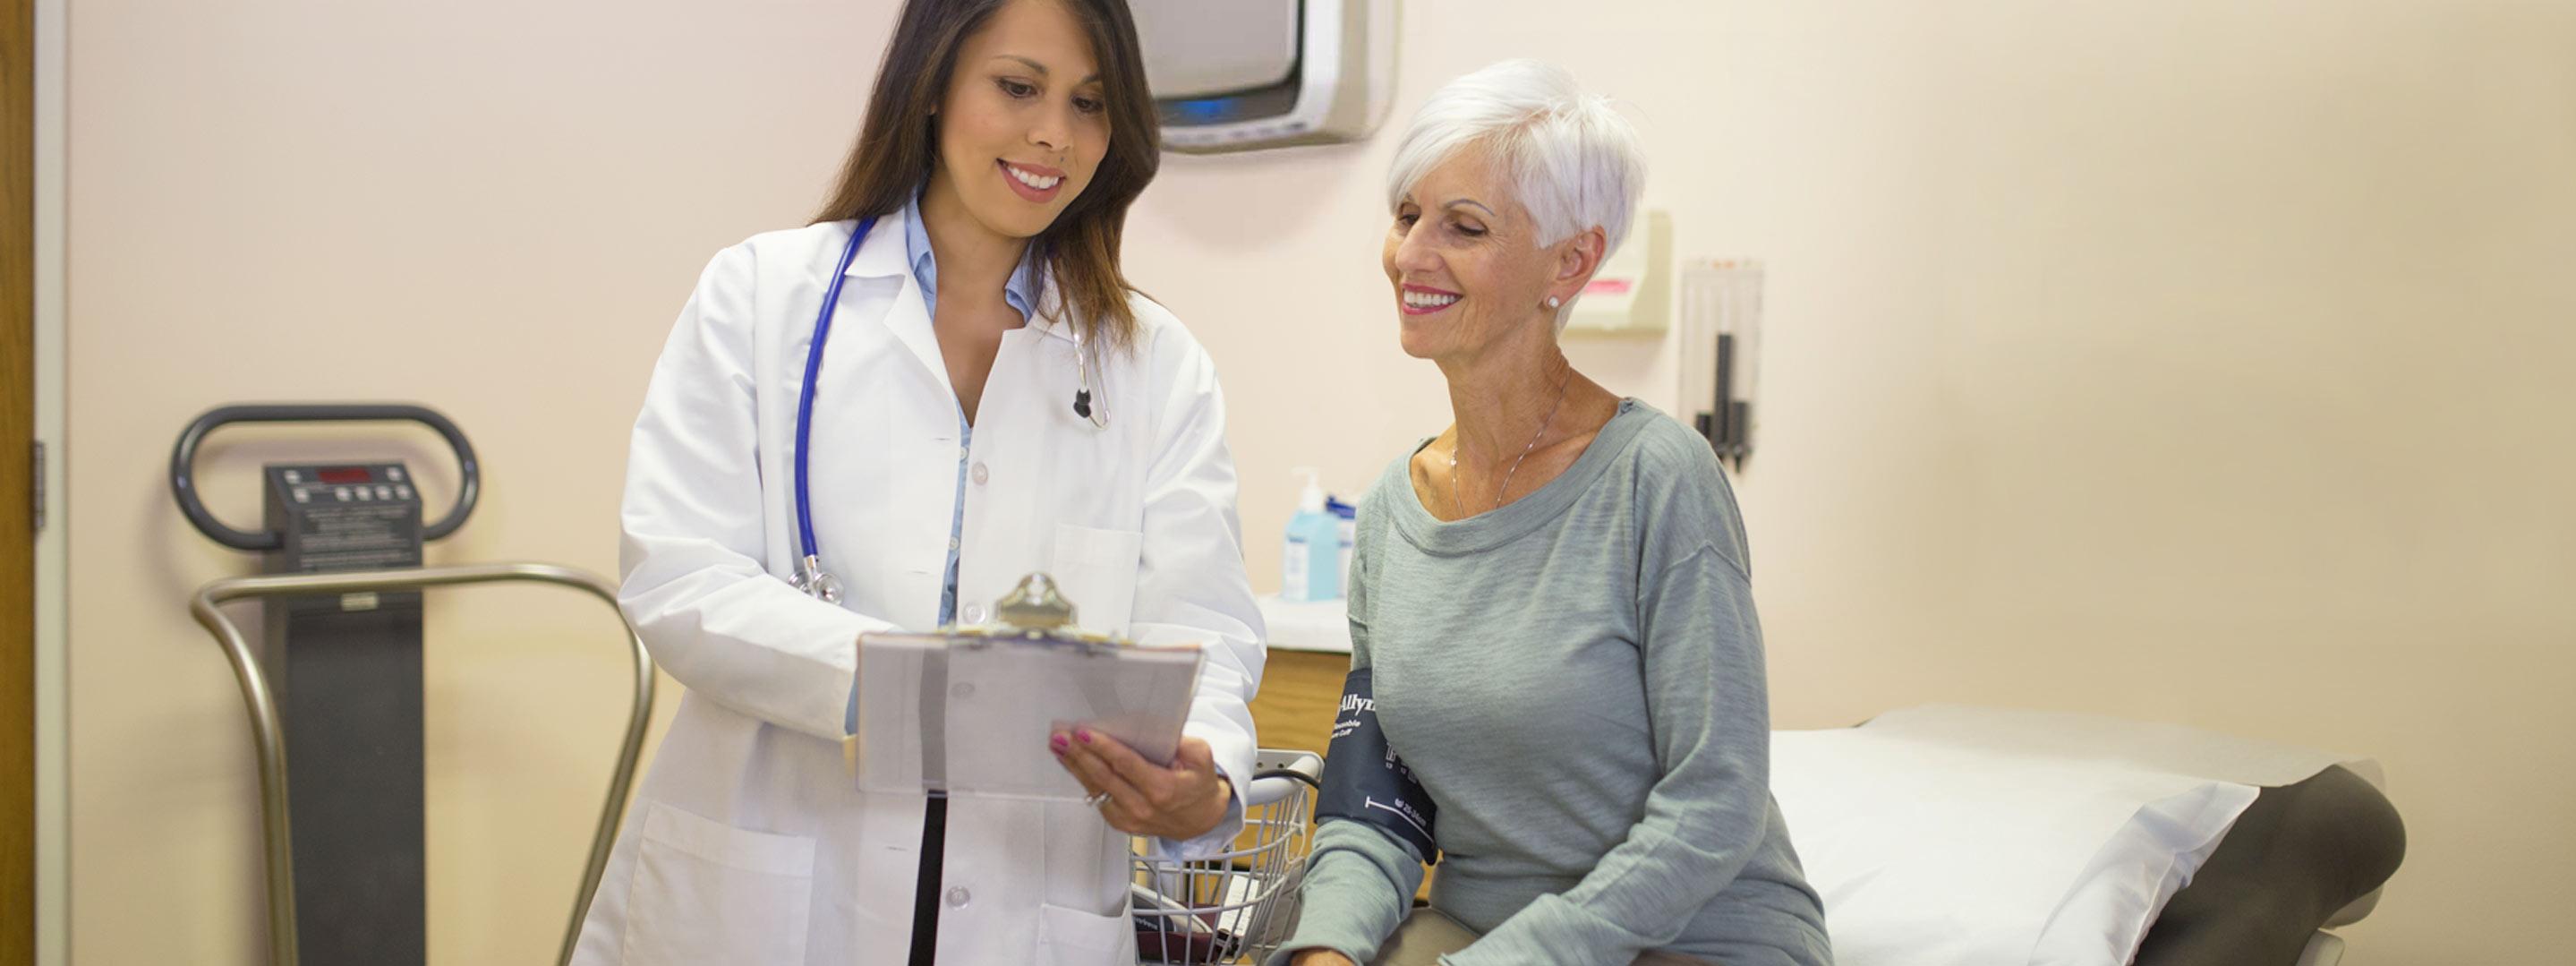 AreaMax Pro en el sector sanitario